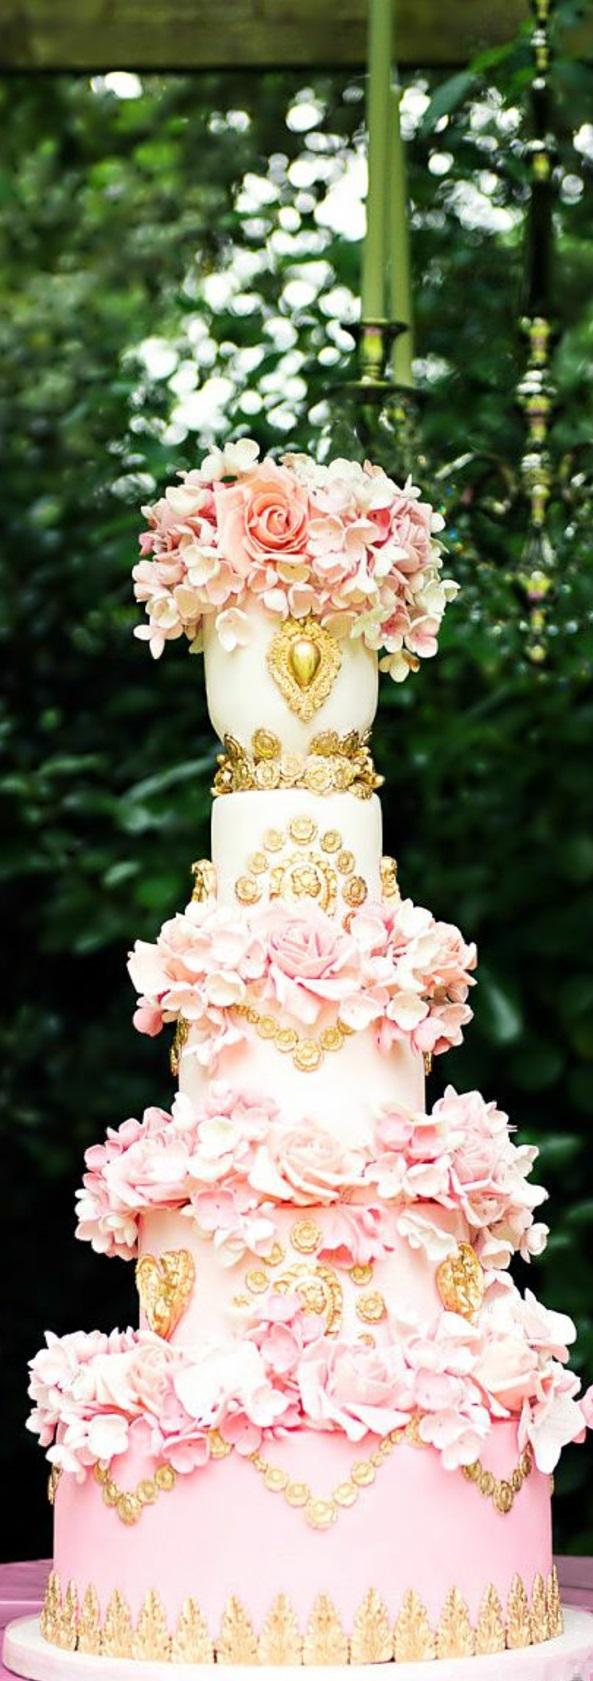 un-gateau-mariage-rose-gold-couleur-rose-et-or